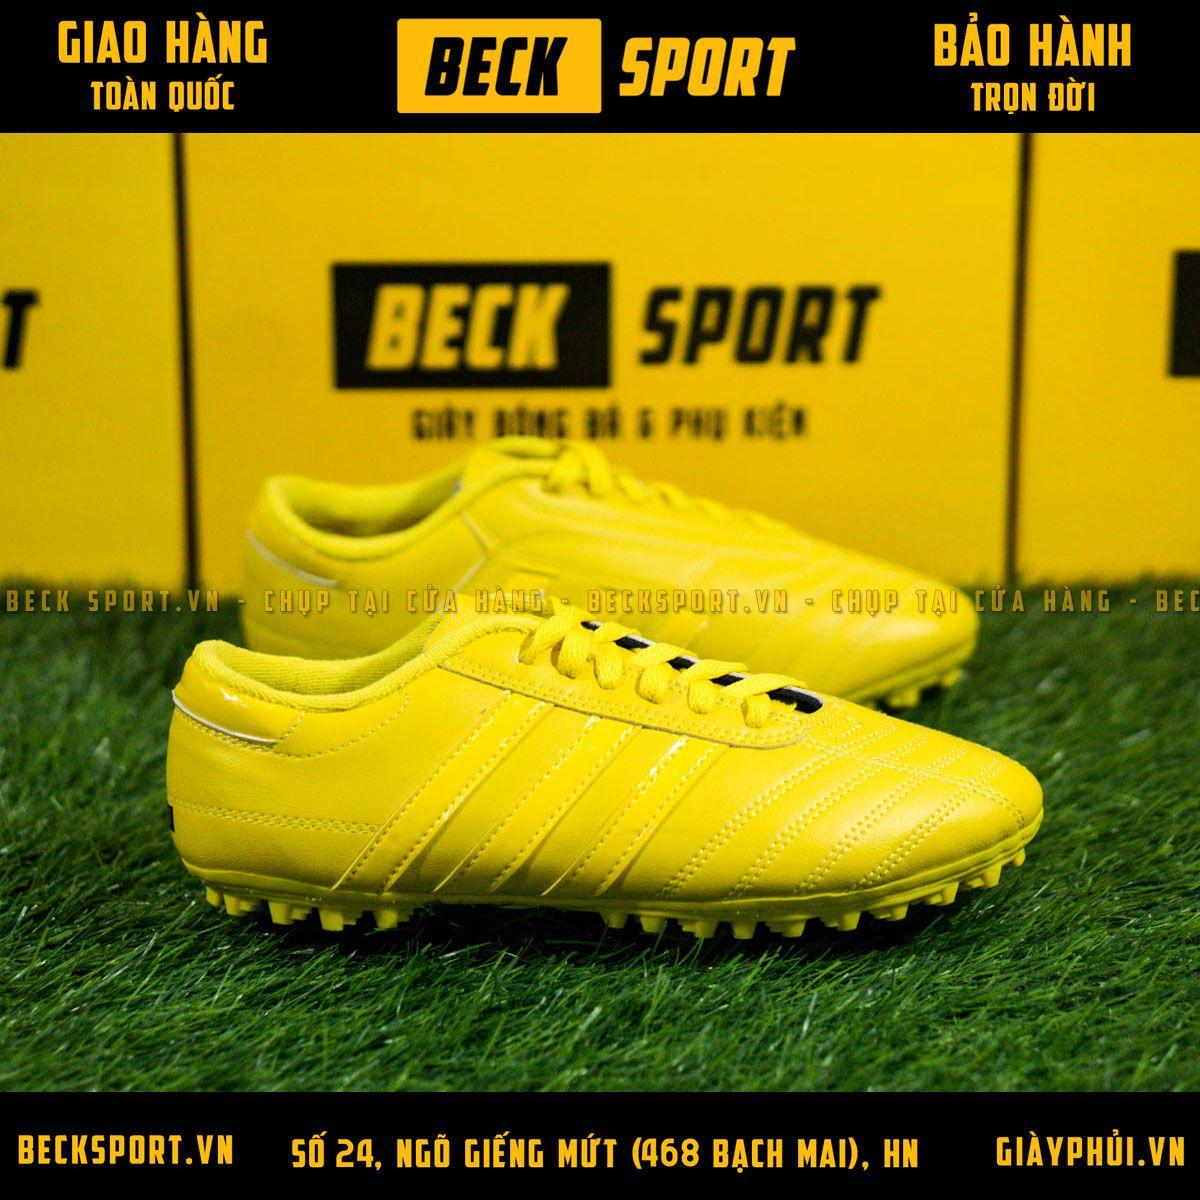 Giày Phủi 3 Sọc Loại 1 - Beck Vàng Sọc Vàng